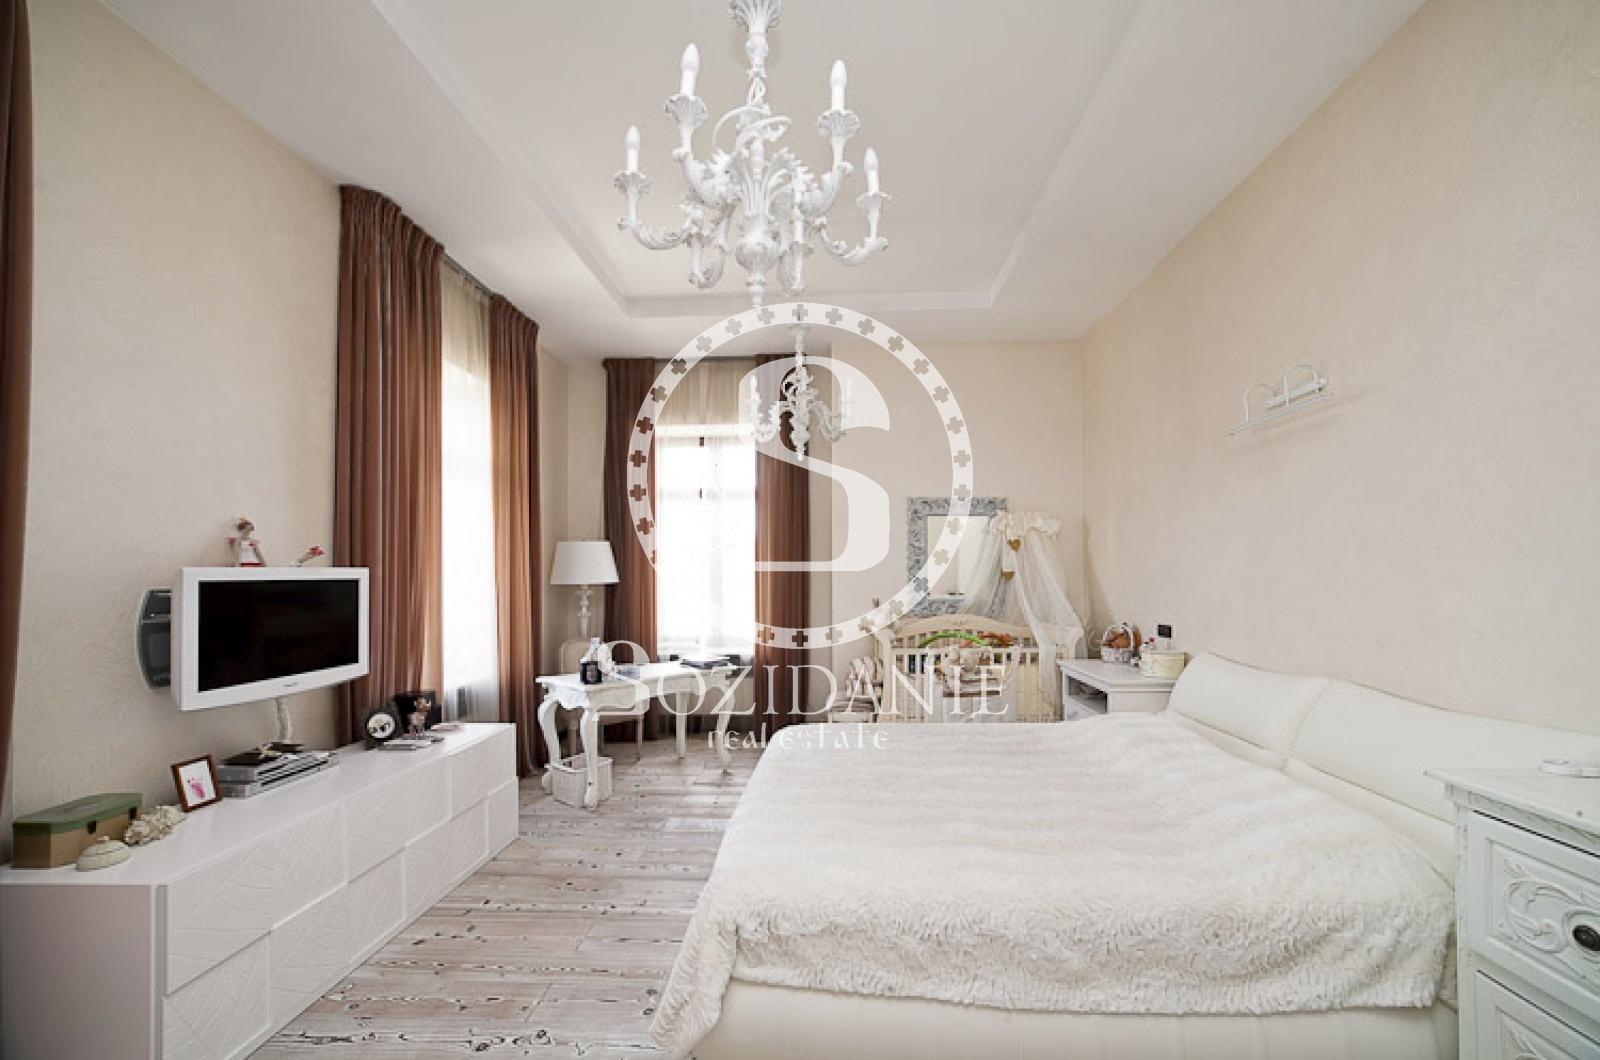 4 Bedrooms, Загородная, Продажа, Listing ID 1082, Московская область, Россия,